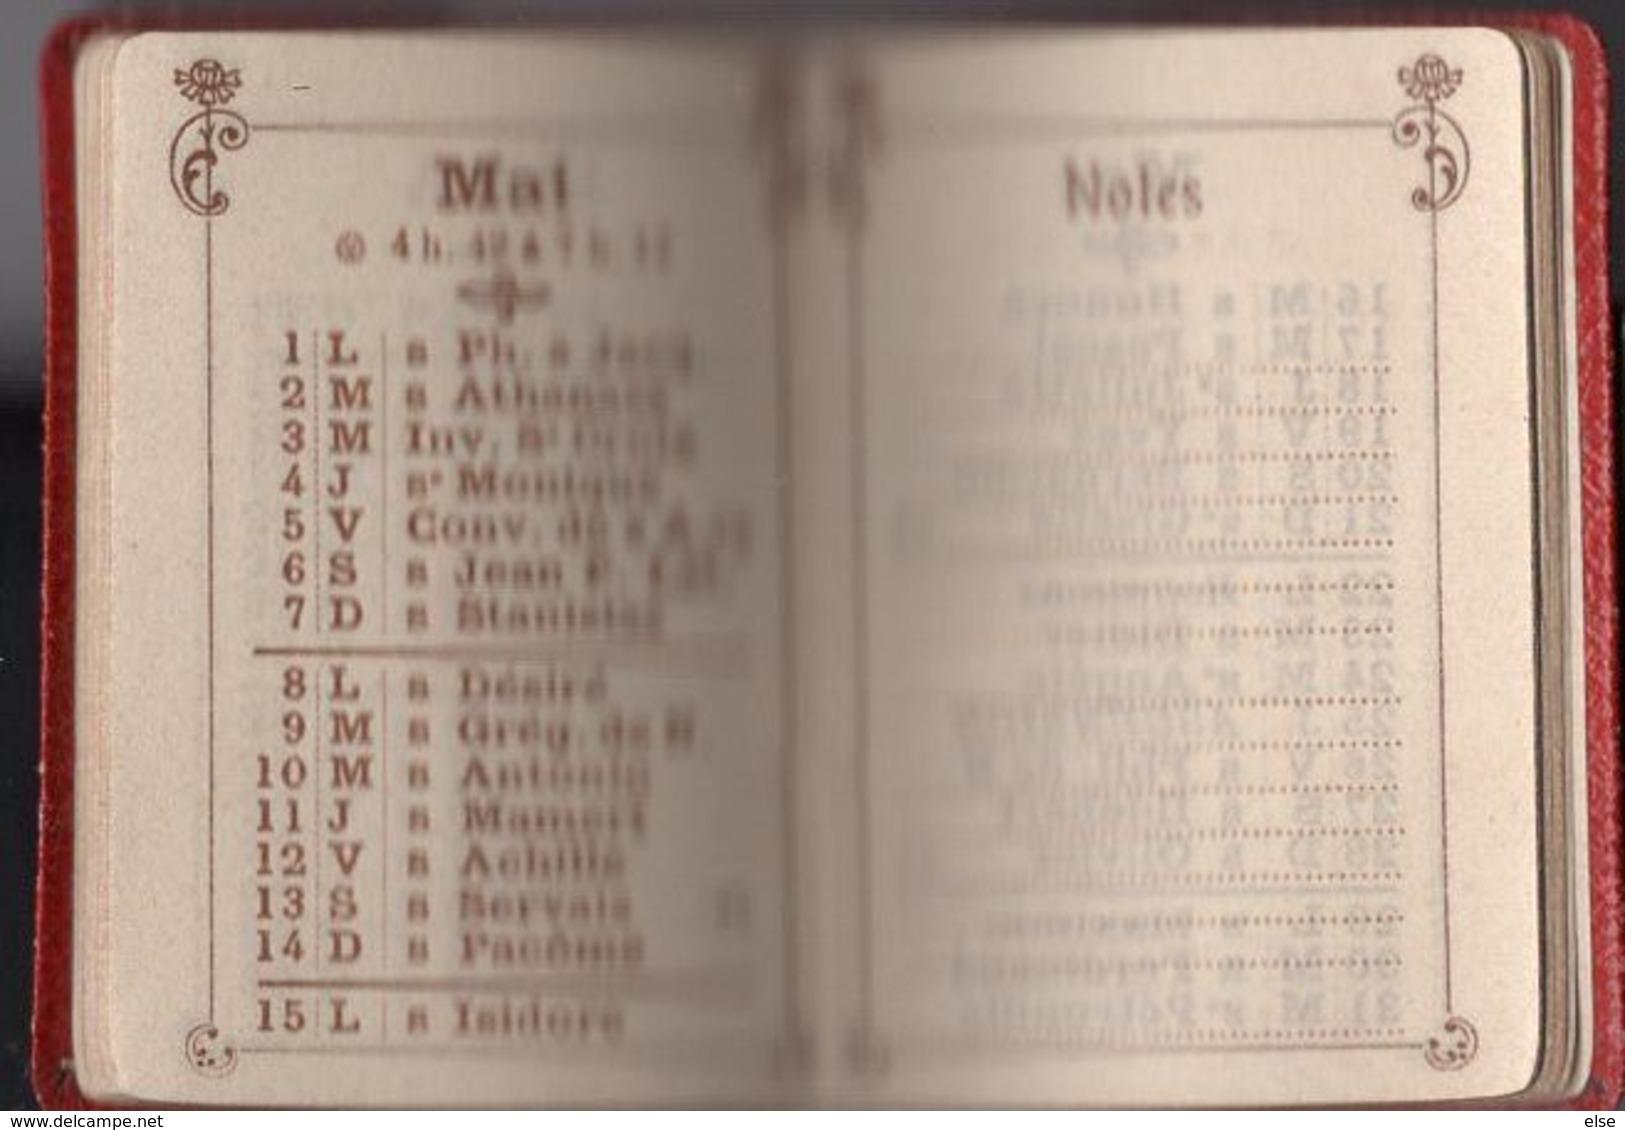 PETIT ALMANACH 1911 CALENDRIER AVEC NOTES  PUBLICITAIRE LIBRAIRIE Vve DUVAL  PAU - Calendriers